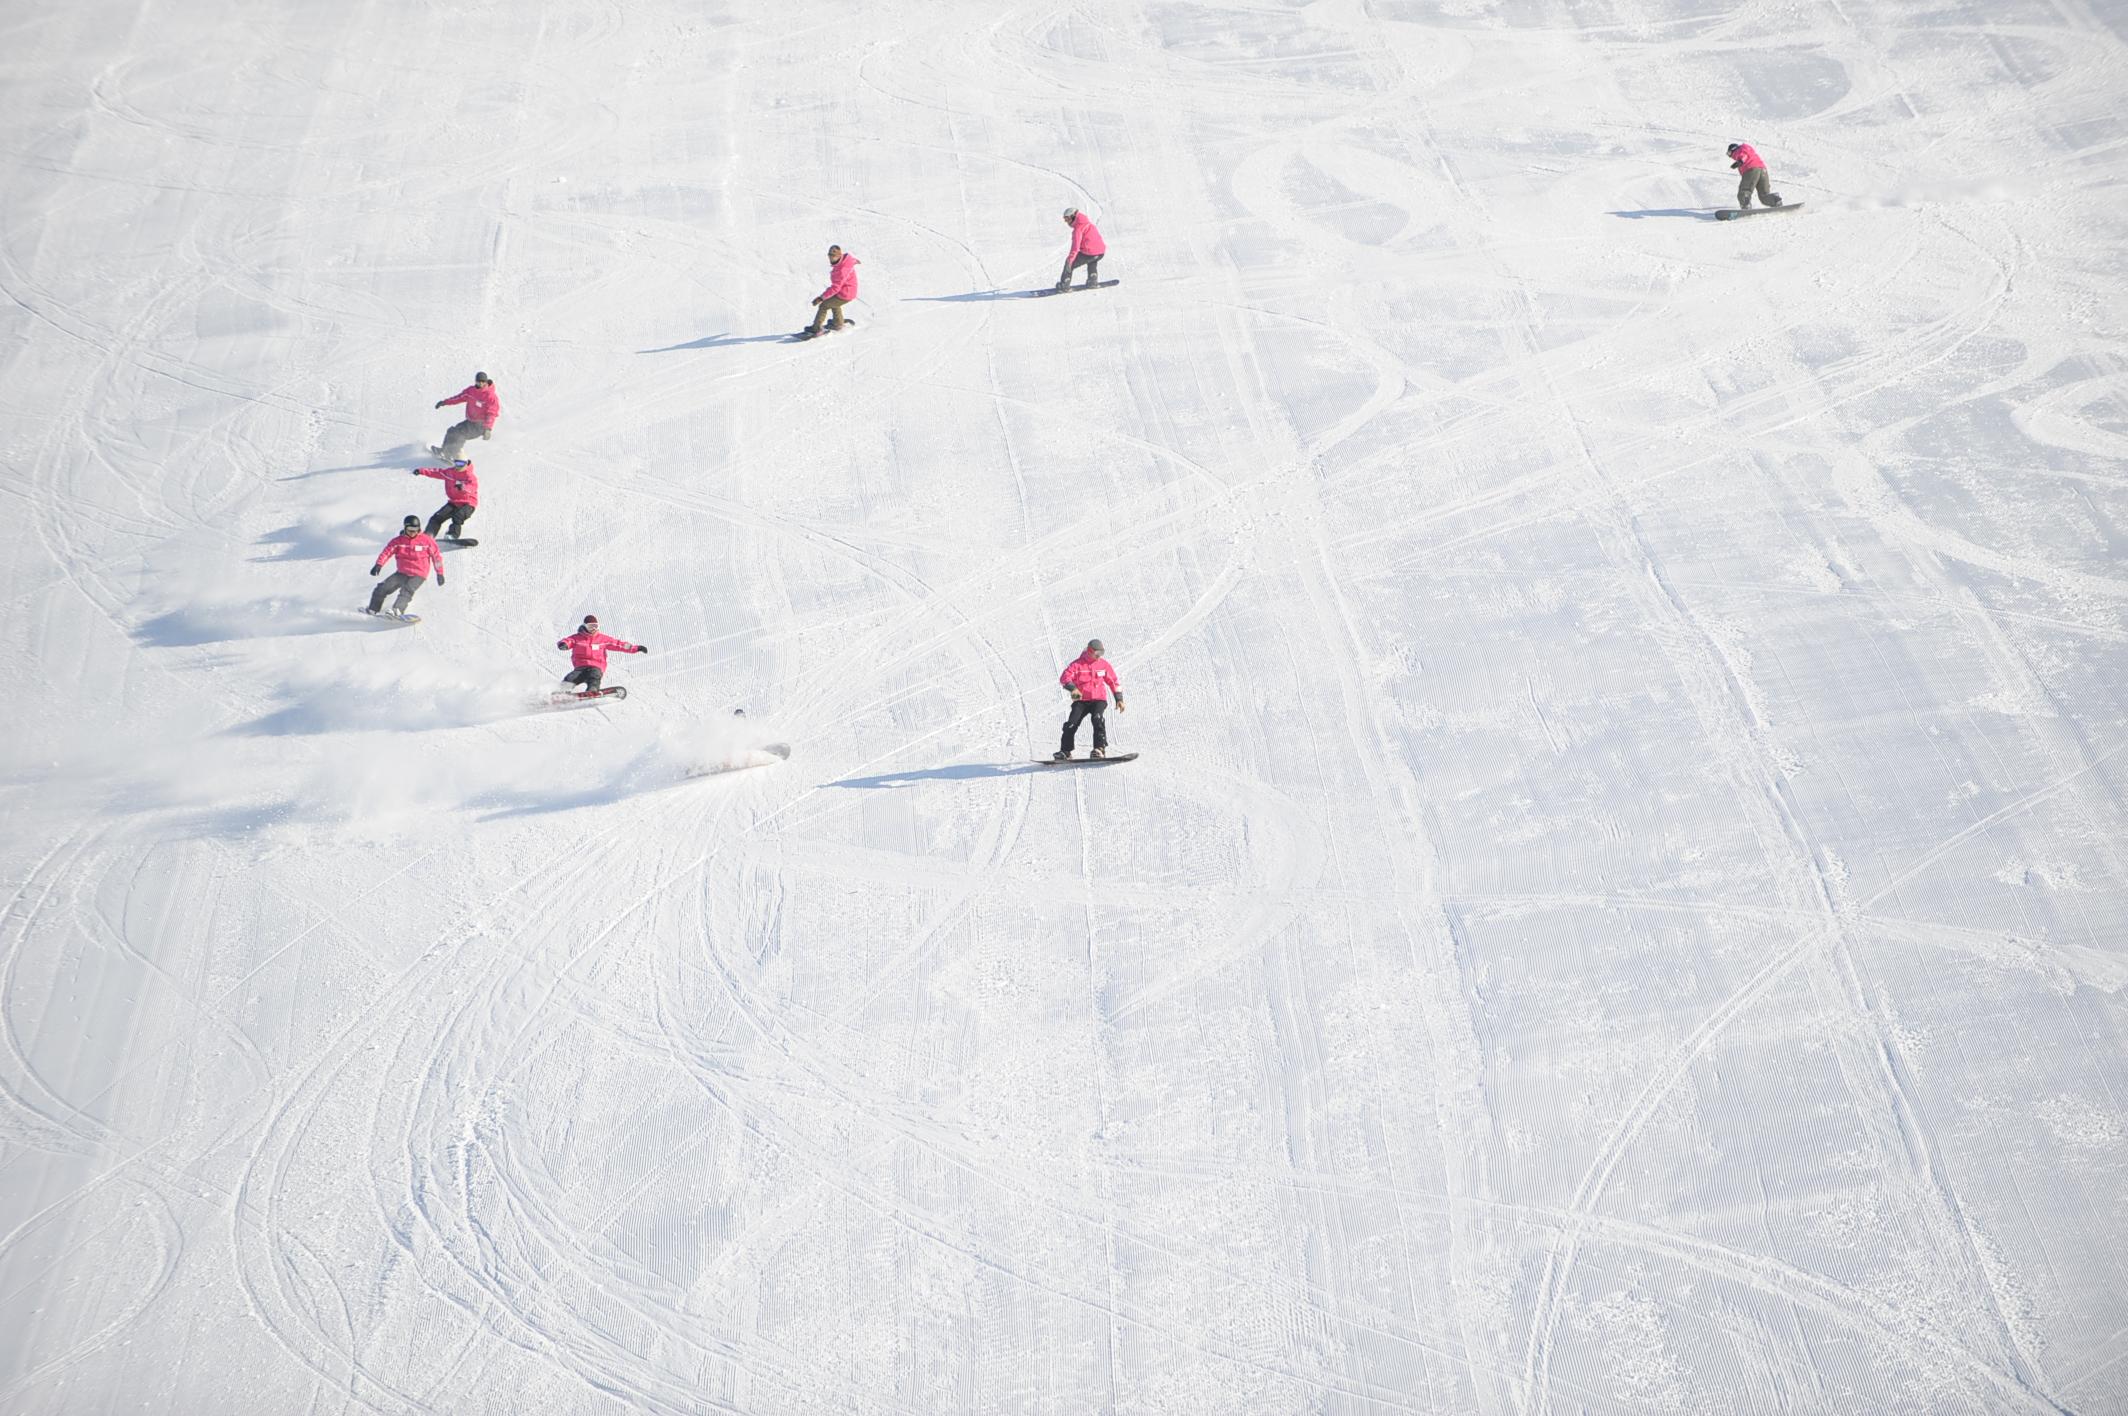 スノーボード・ターンの動作分析